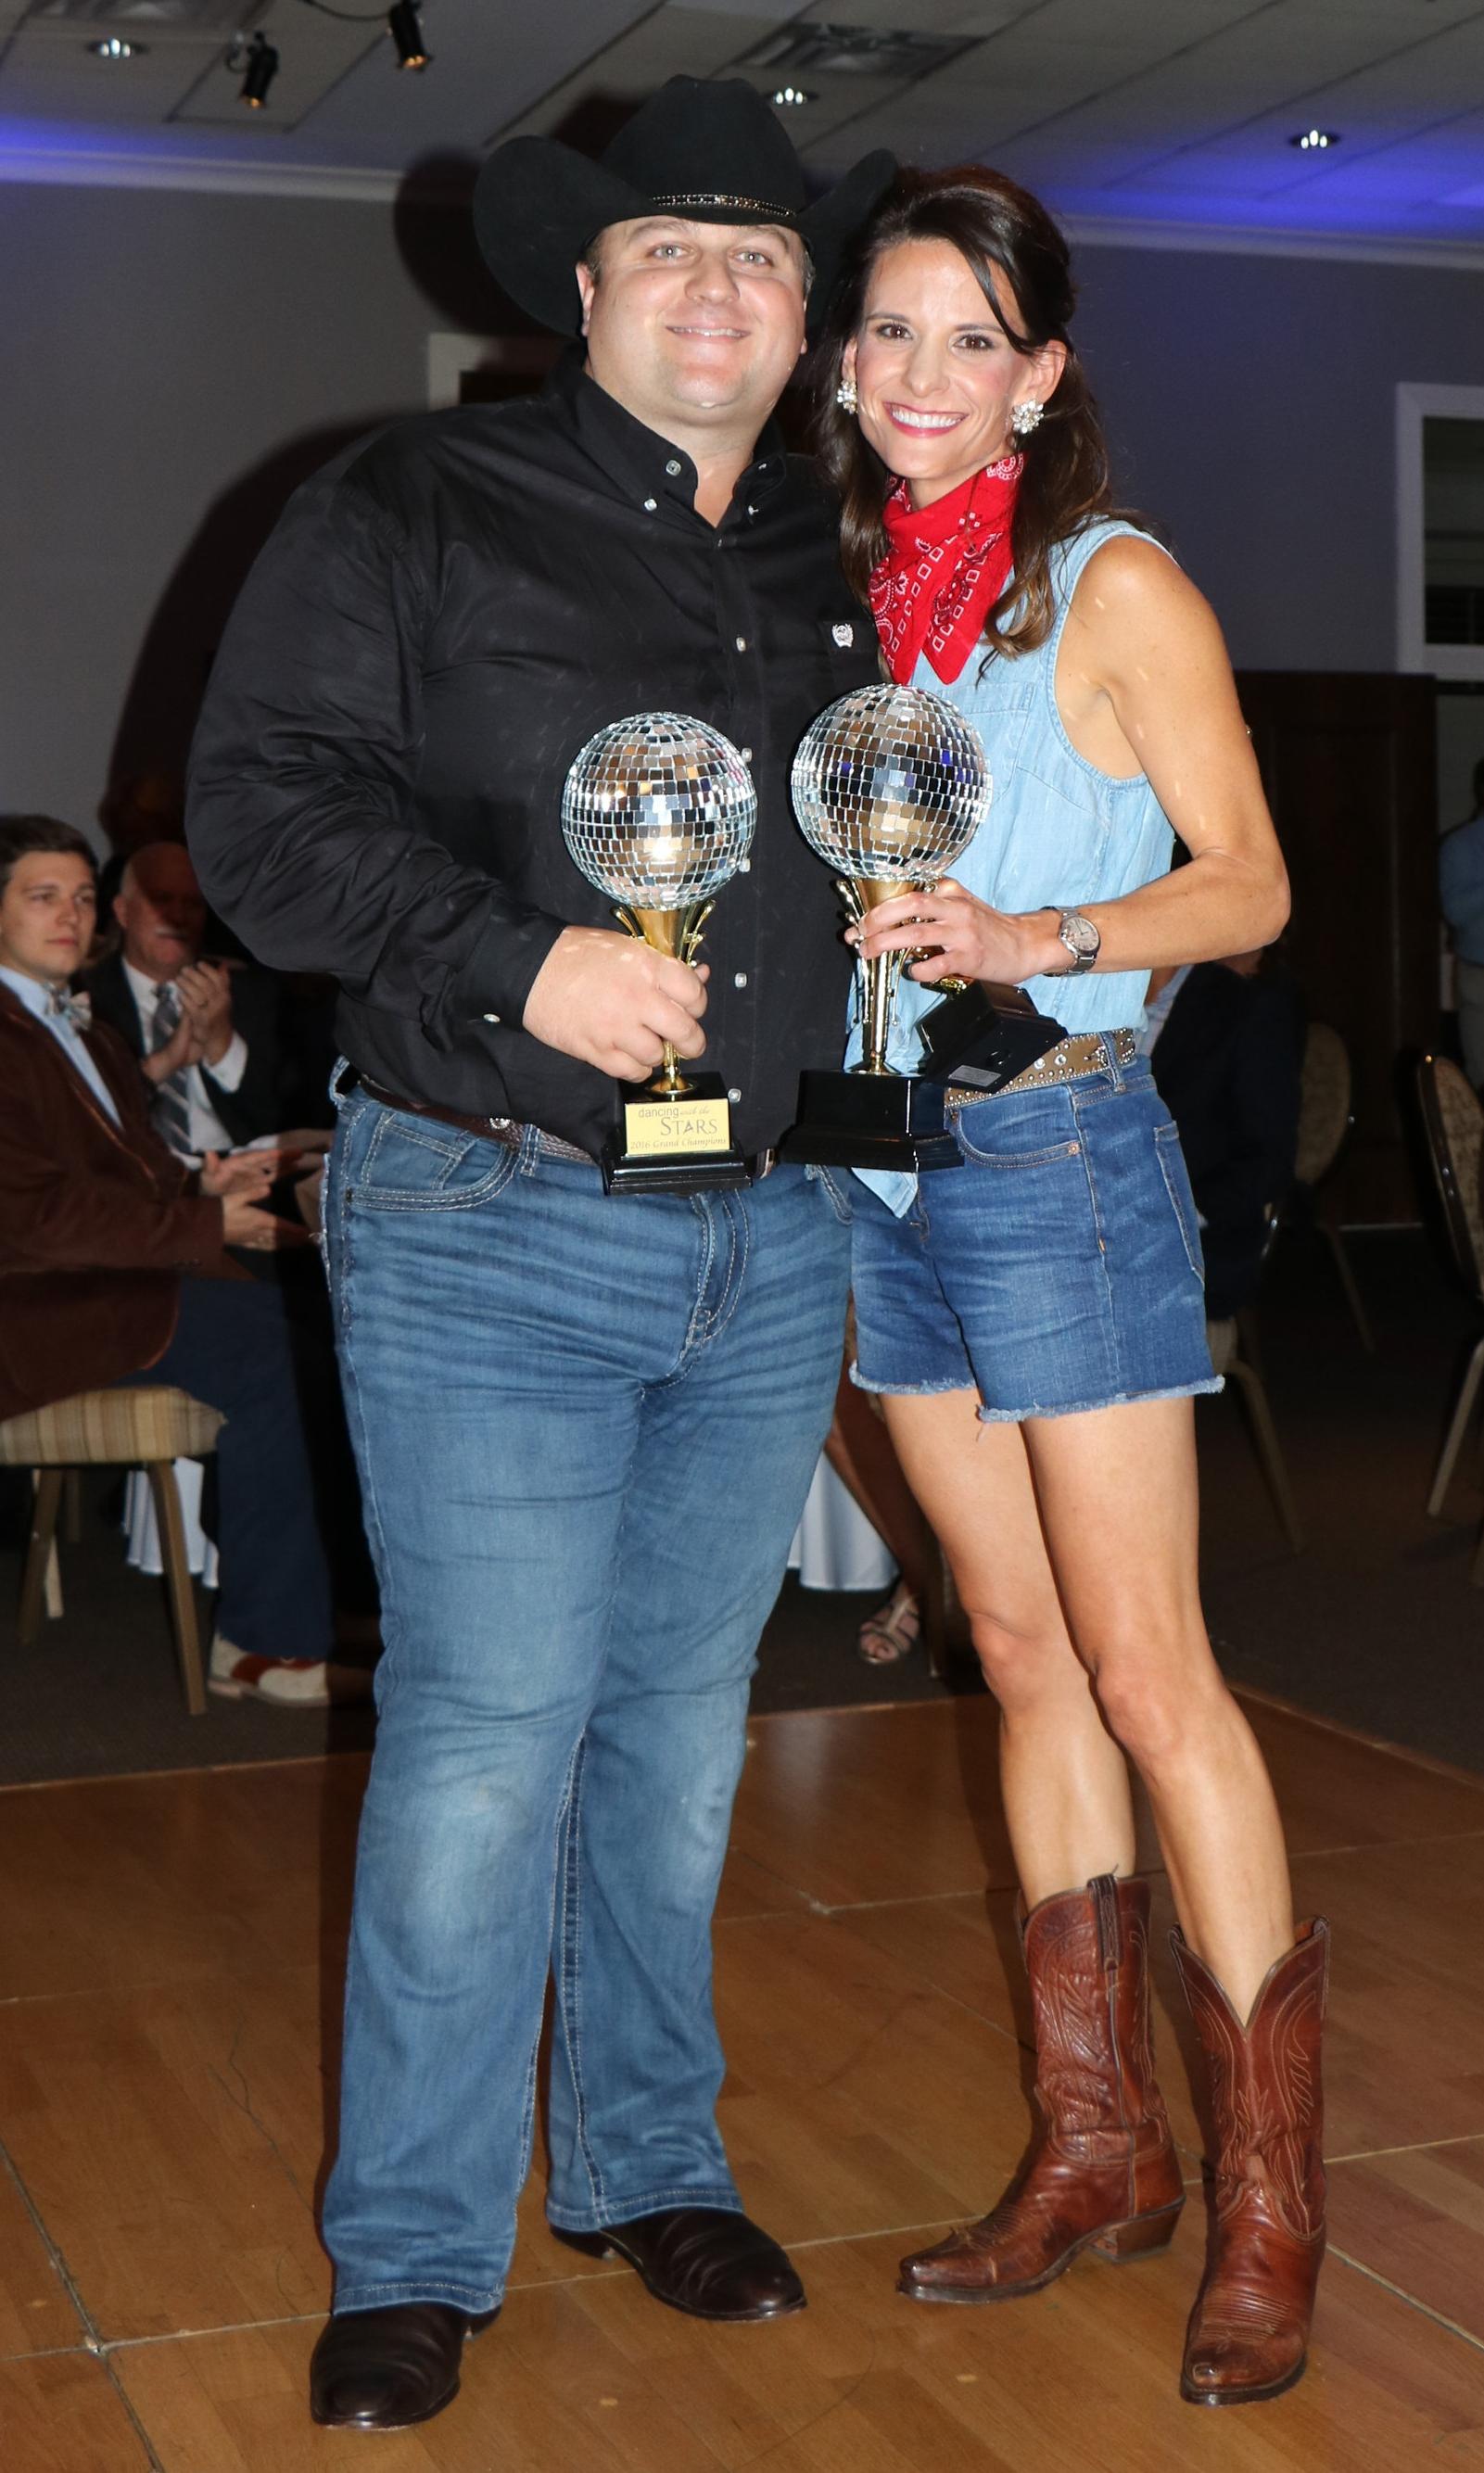 Winners Josh Allen & Blair Myers